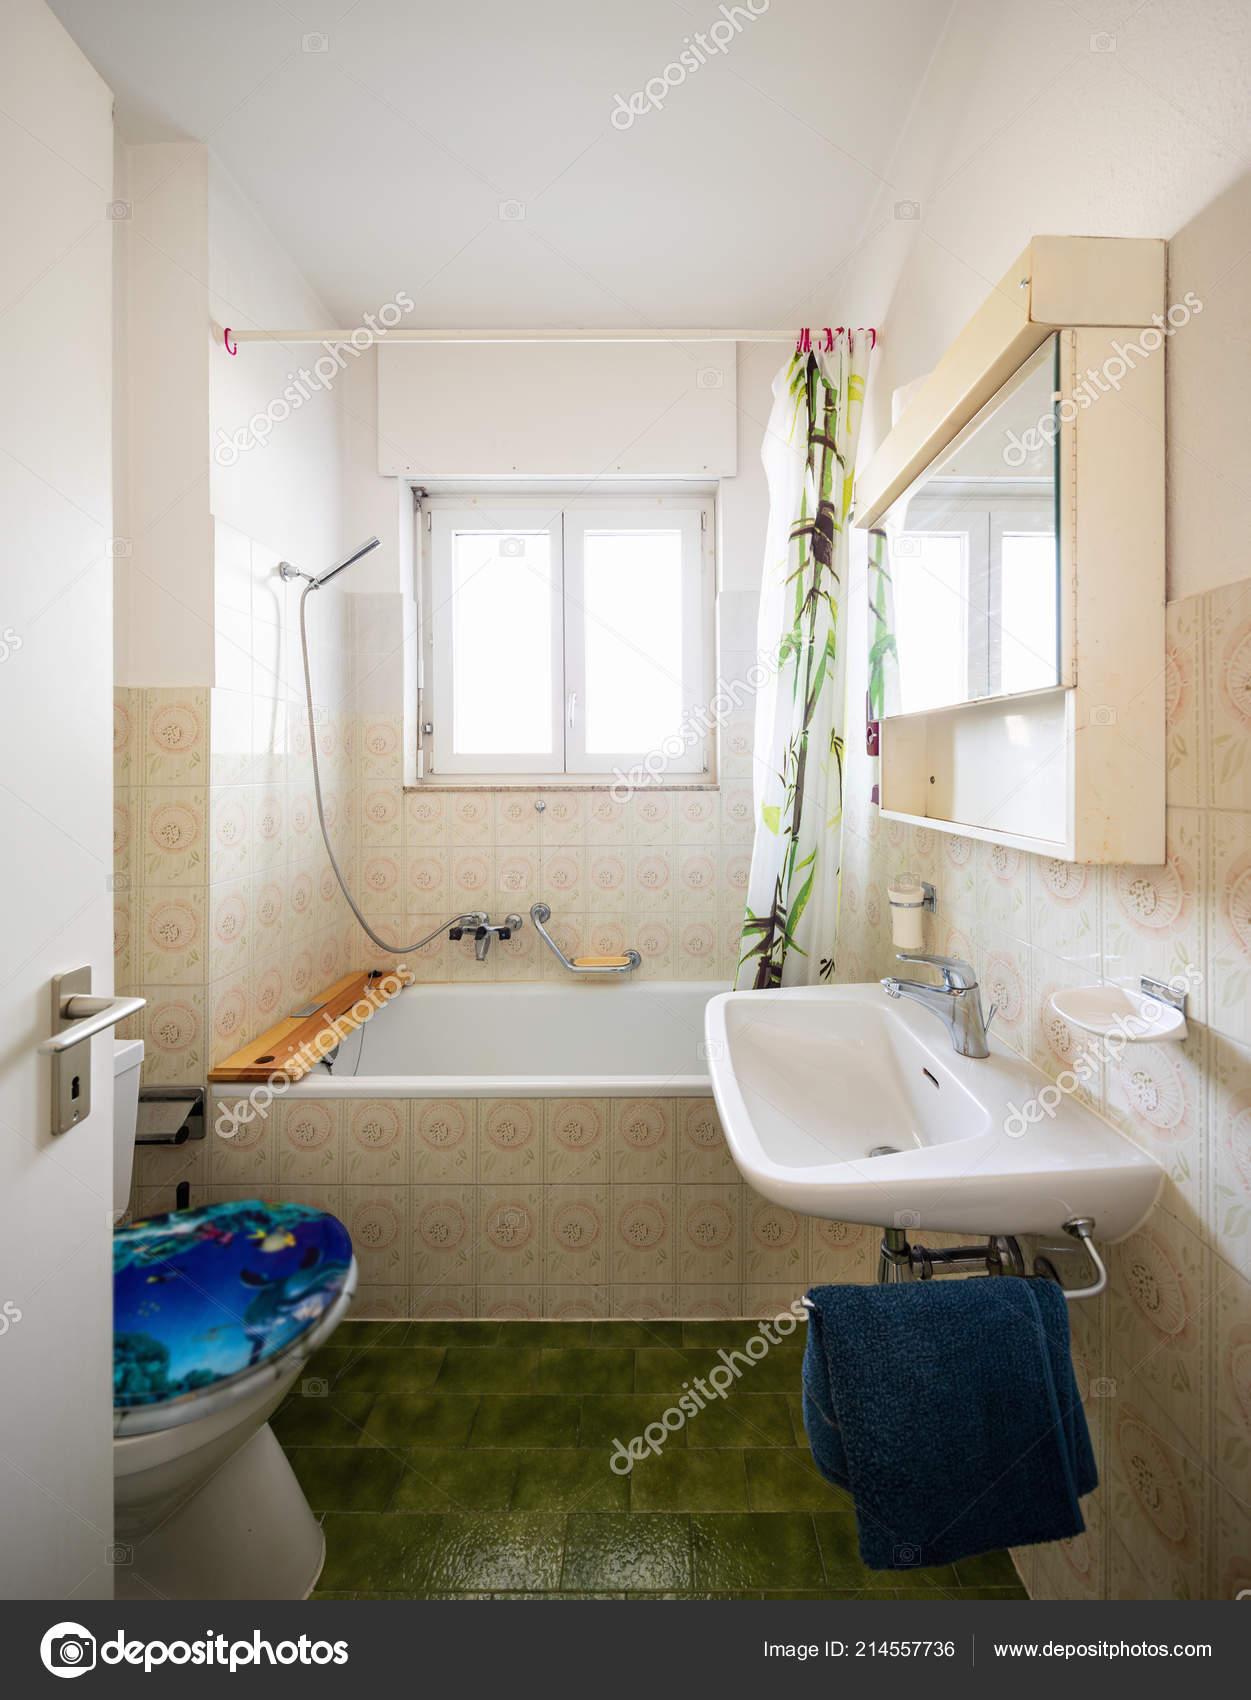 Vintage Badezimmer Mit Grünen Fliesen Und Fenster Niemand Inneren ...